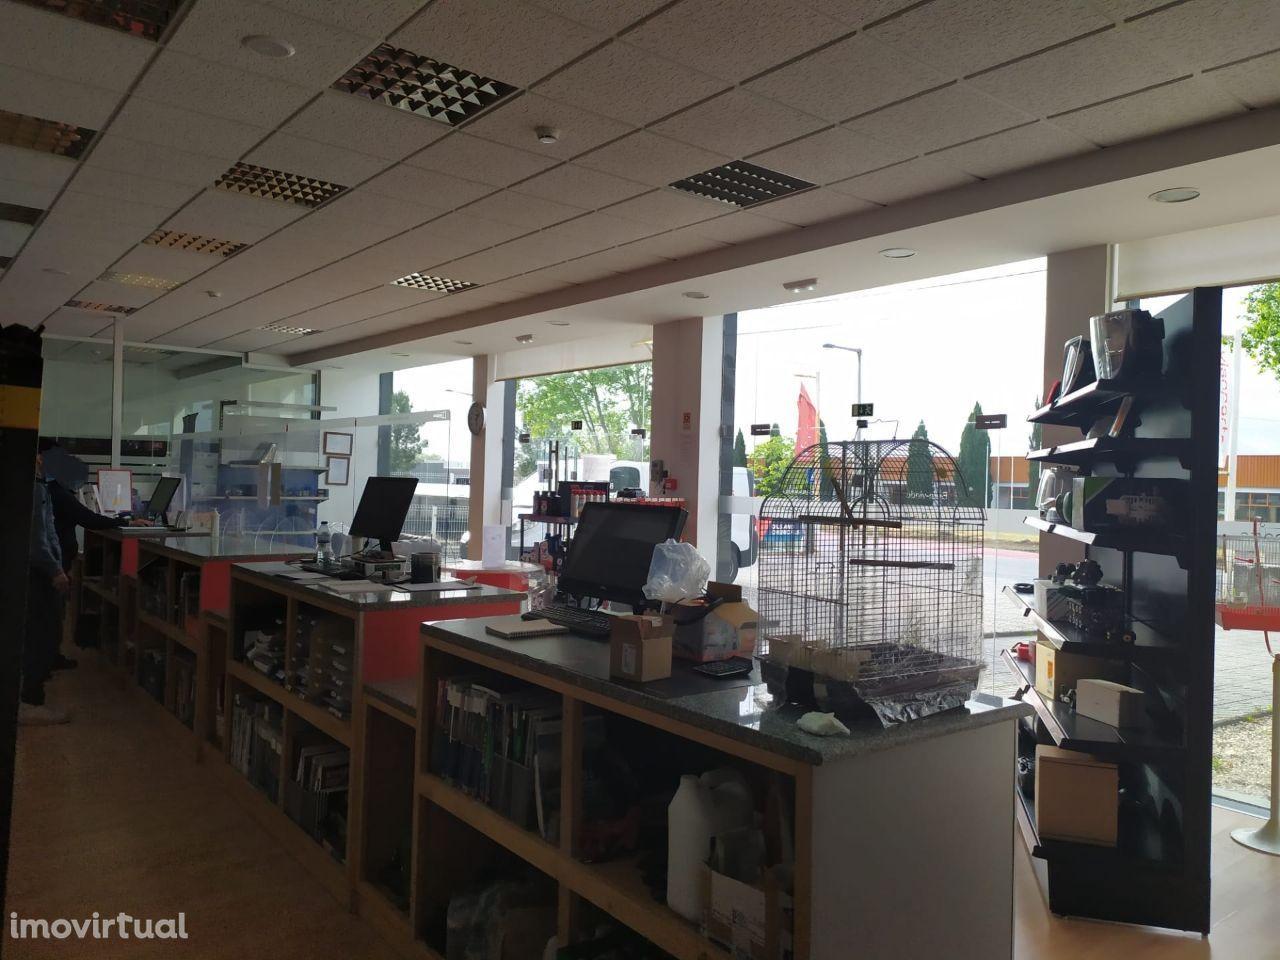 Lojas Comerciais - Zona Industrial Coimbrões - Viseu